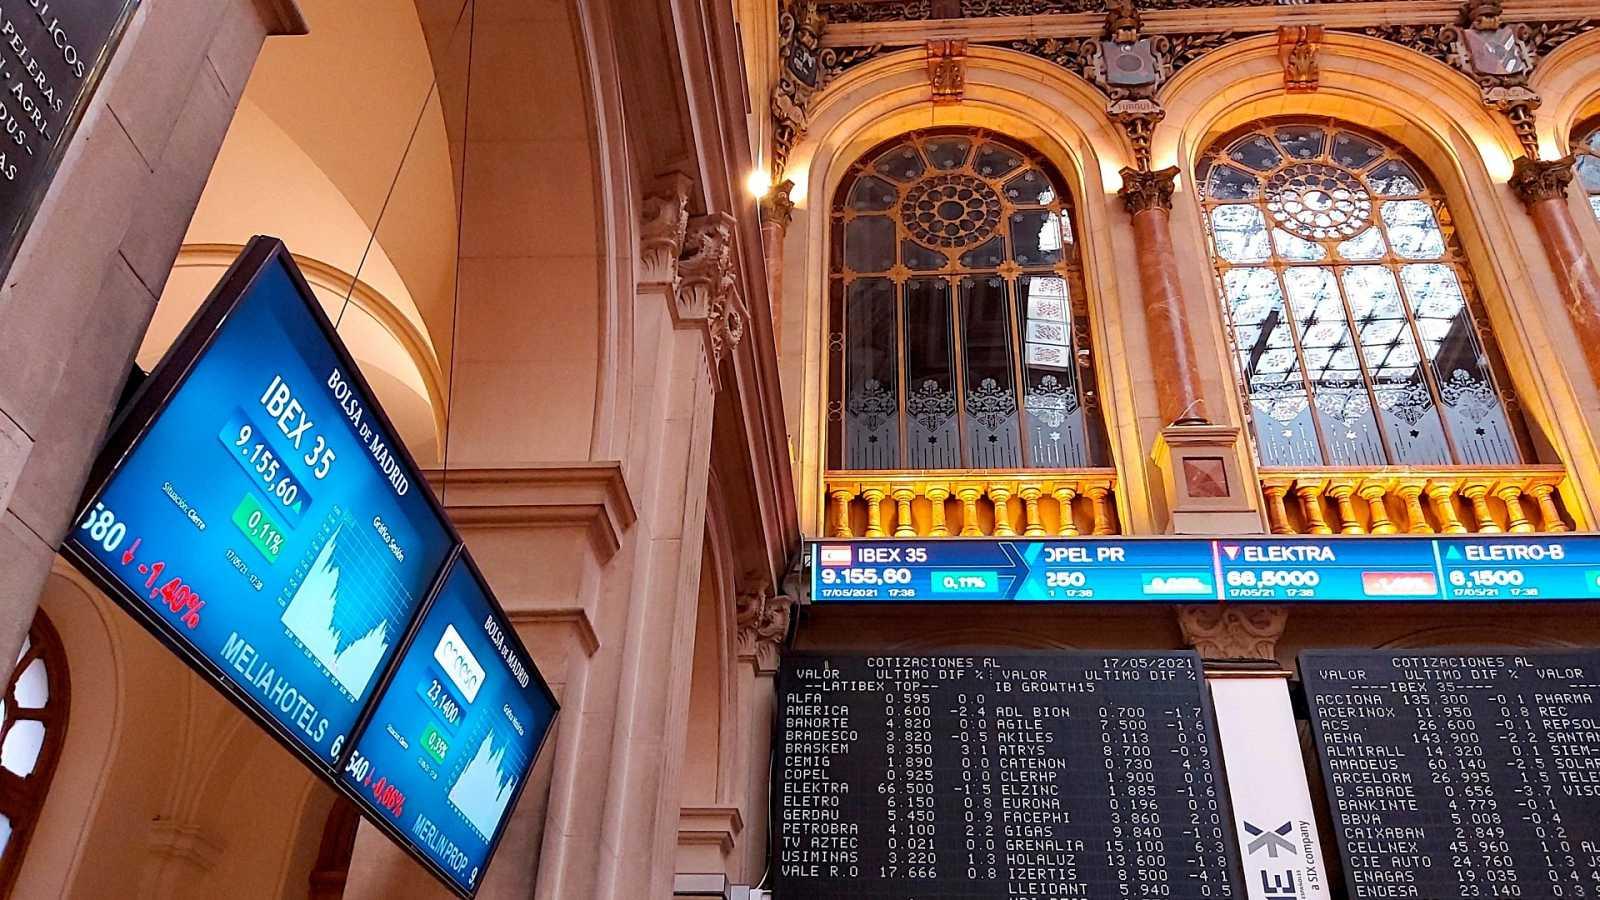 Un panel informativo en el Palacio de la Bolsa de Madrid